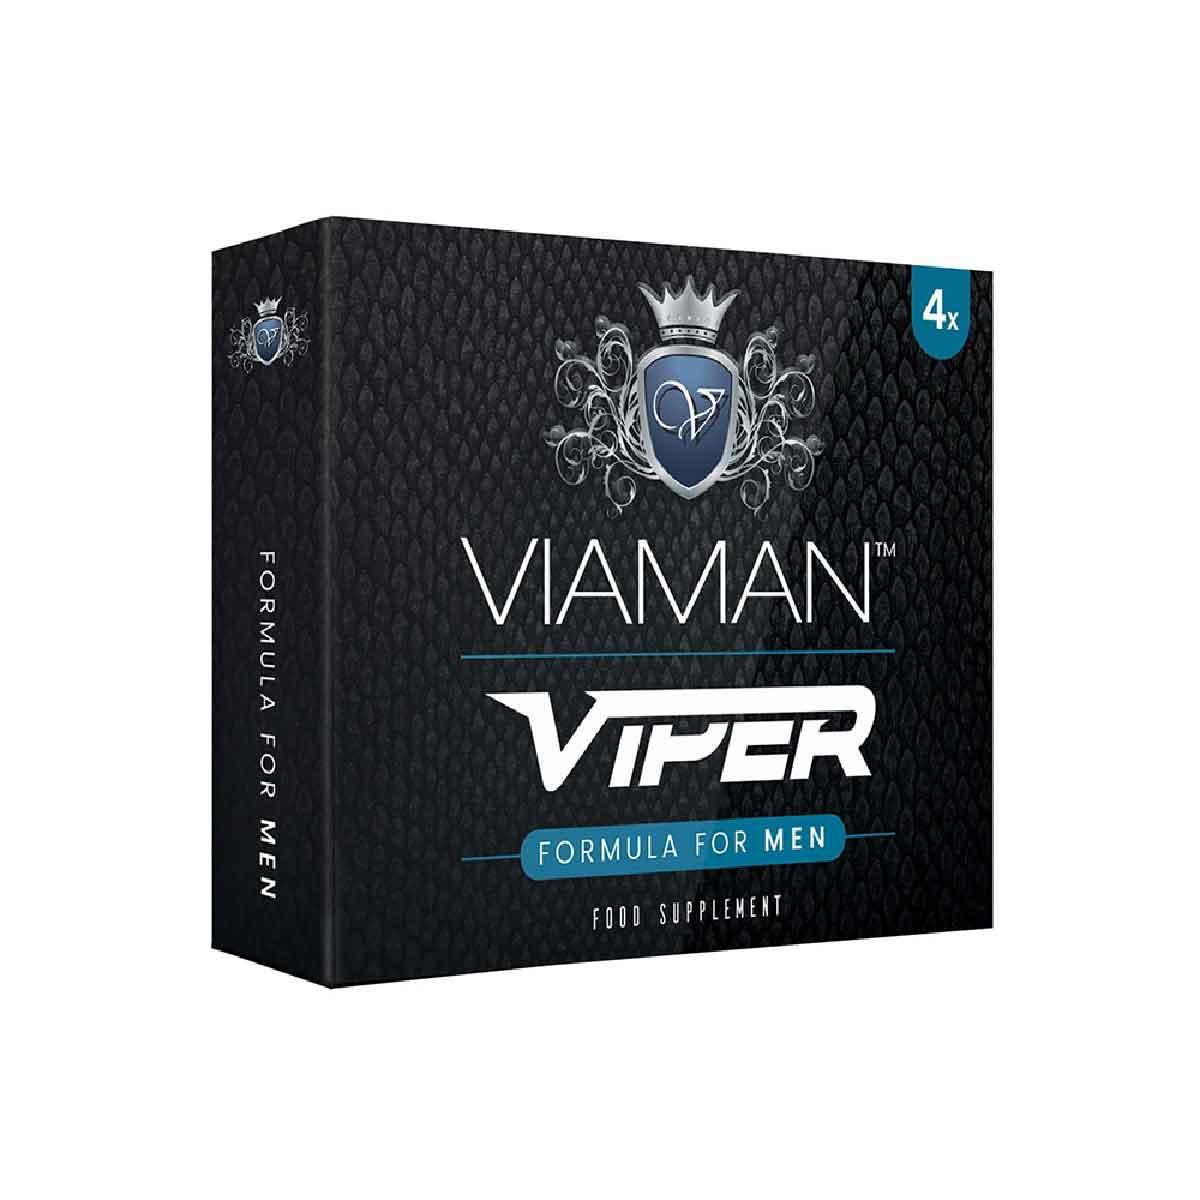 confezione viaman plus viper